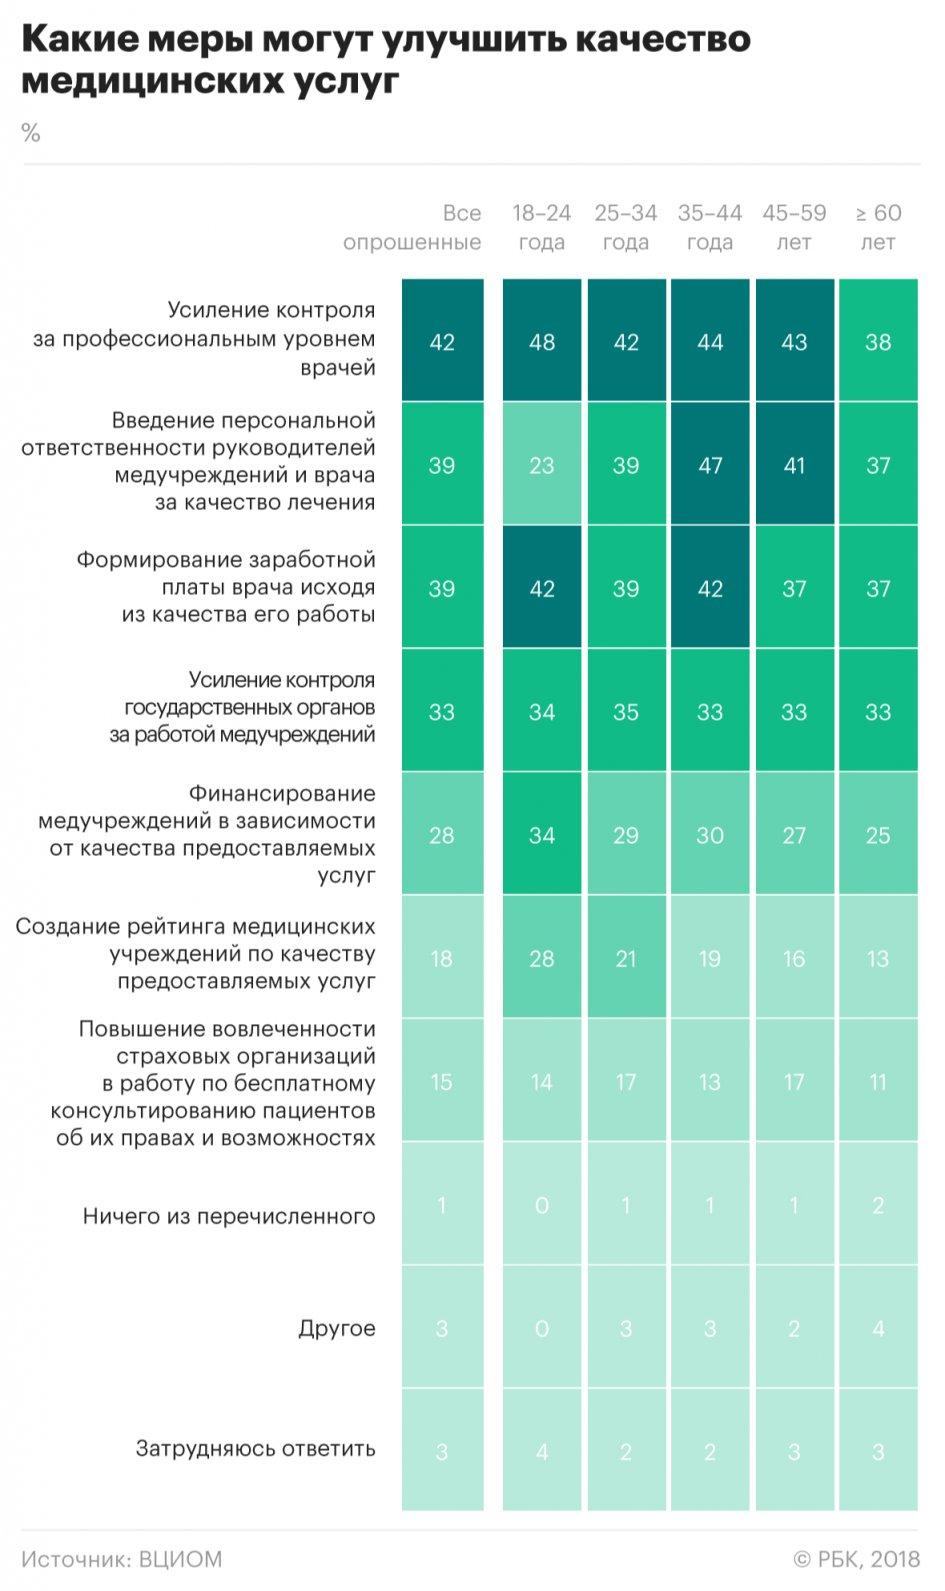 Около 40% россиян хотят, чтобы оценка качества работы врача напрямую влияло на его зарплату, а также была введена персональная ответственность докторов. Такие результаты дал последний опрос ВЦИОМ по теме медицины, передаёт РБК. Телефонный опрос прошли 1,6 тысячи россиян 17 октября.